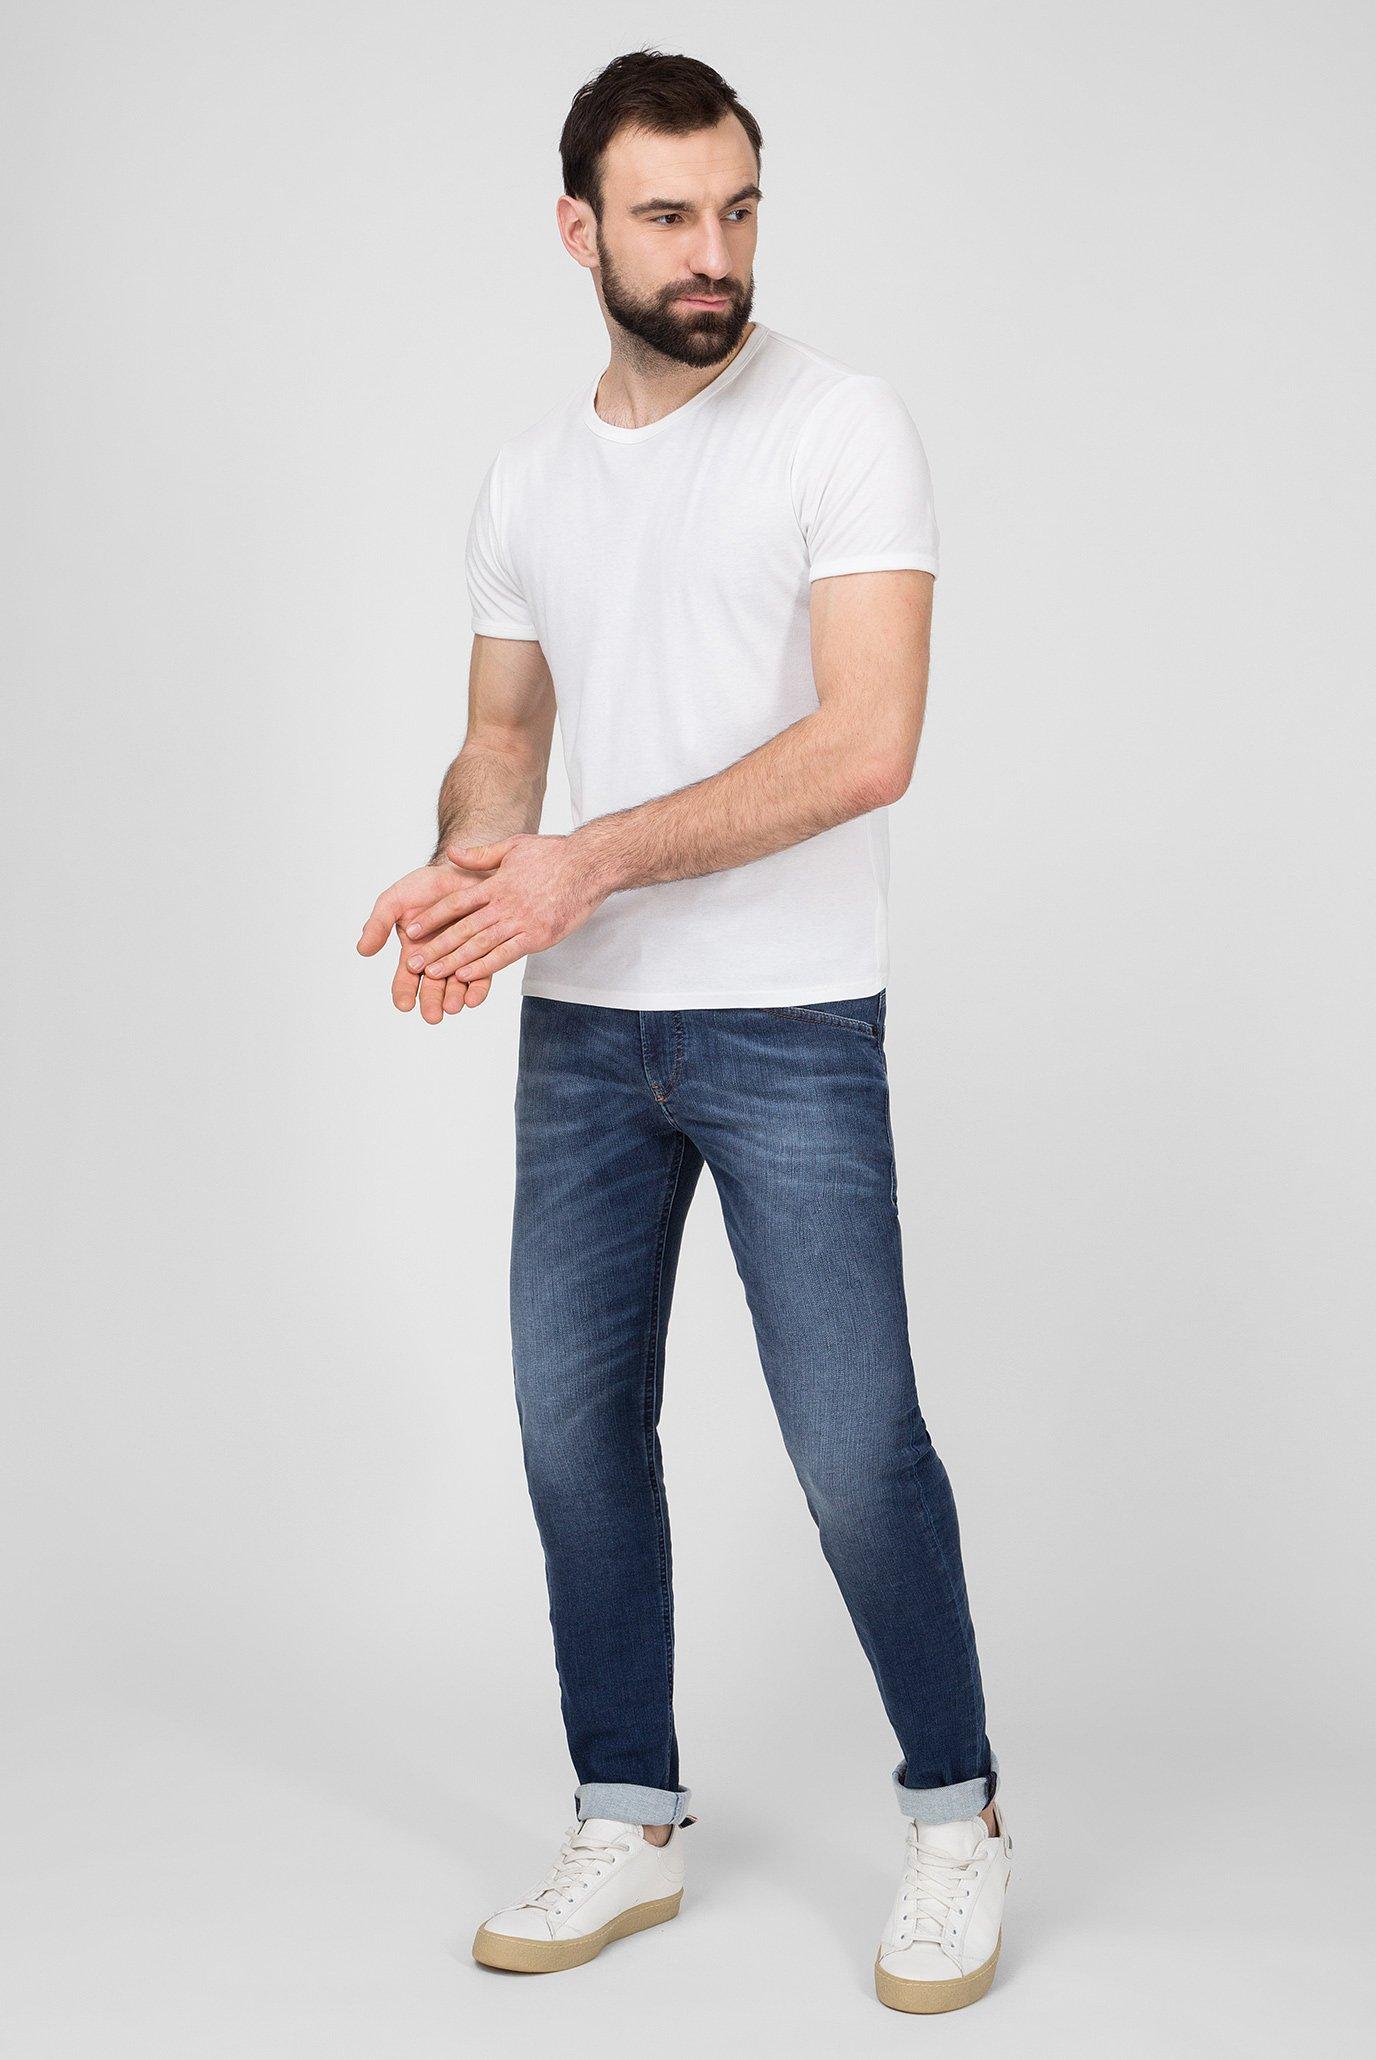 Купить Мужские синие джинсы Diesel Diesel 00S8MK 088AX – Киев, Украина. Цены в интернет магазине MD Fashion